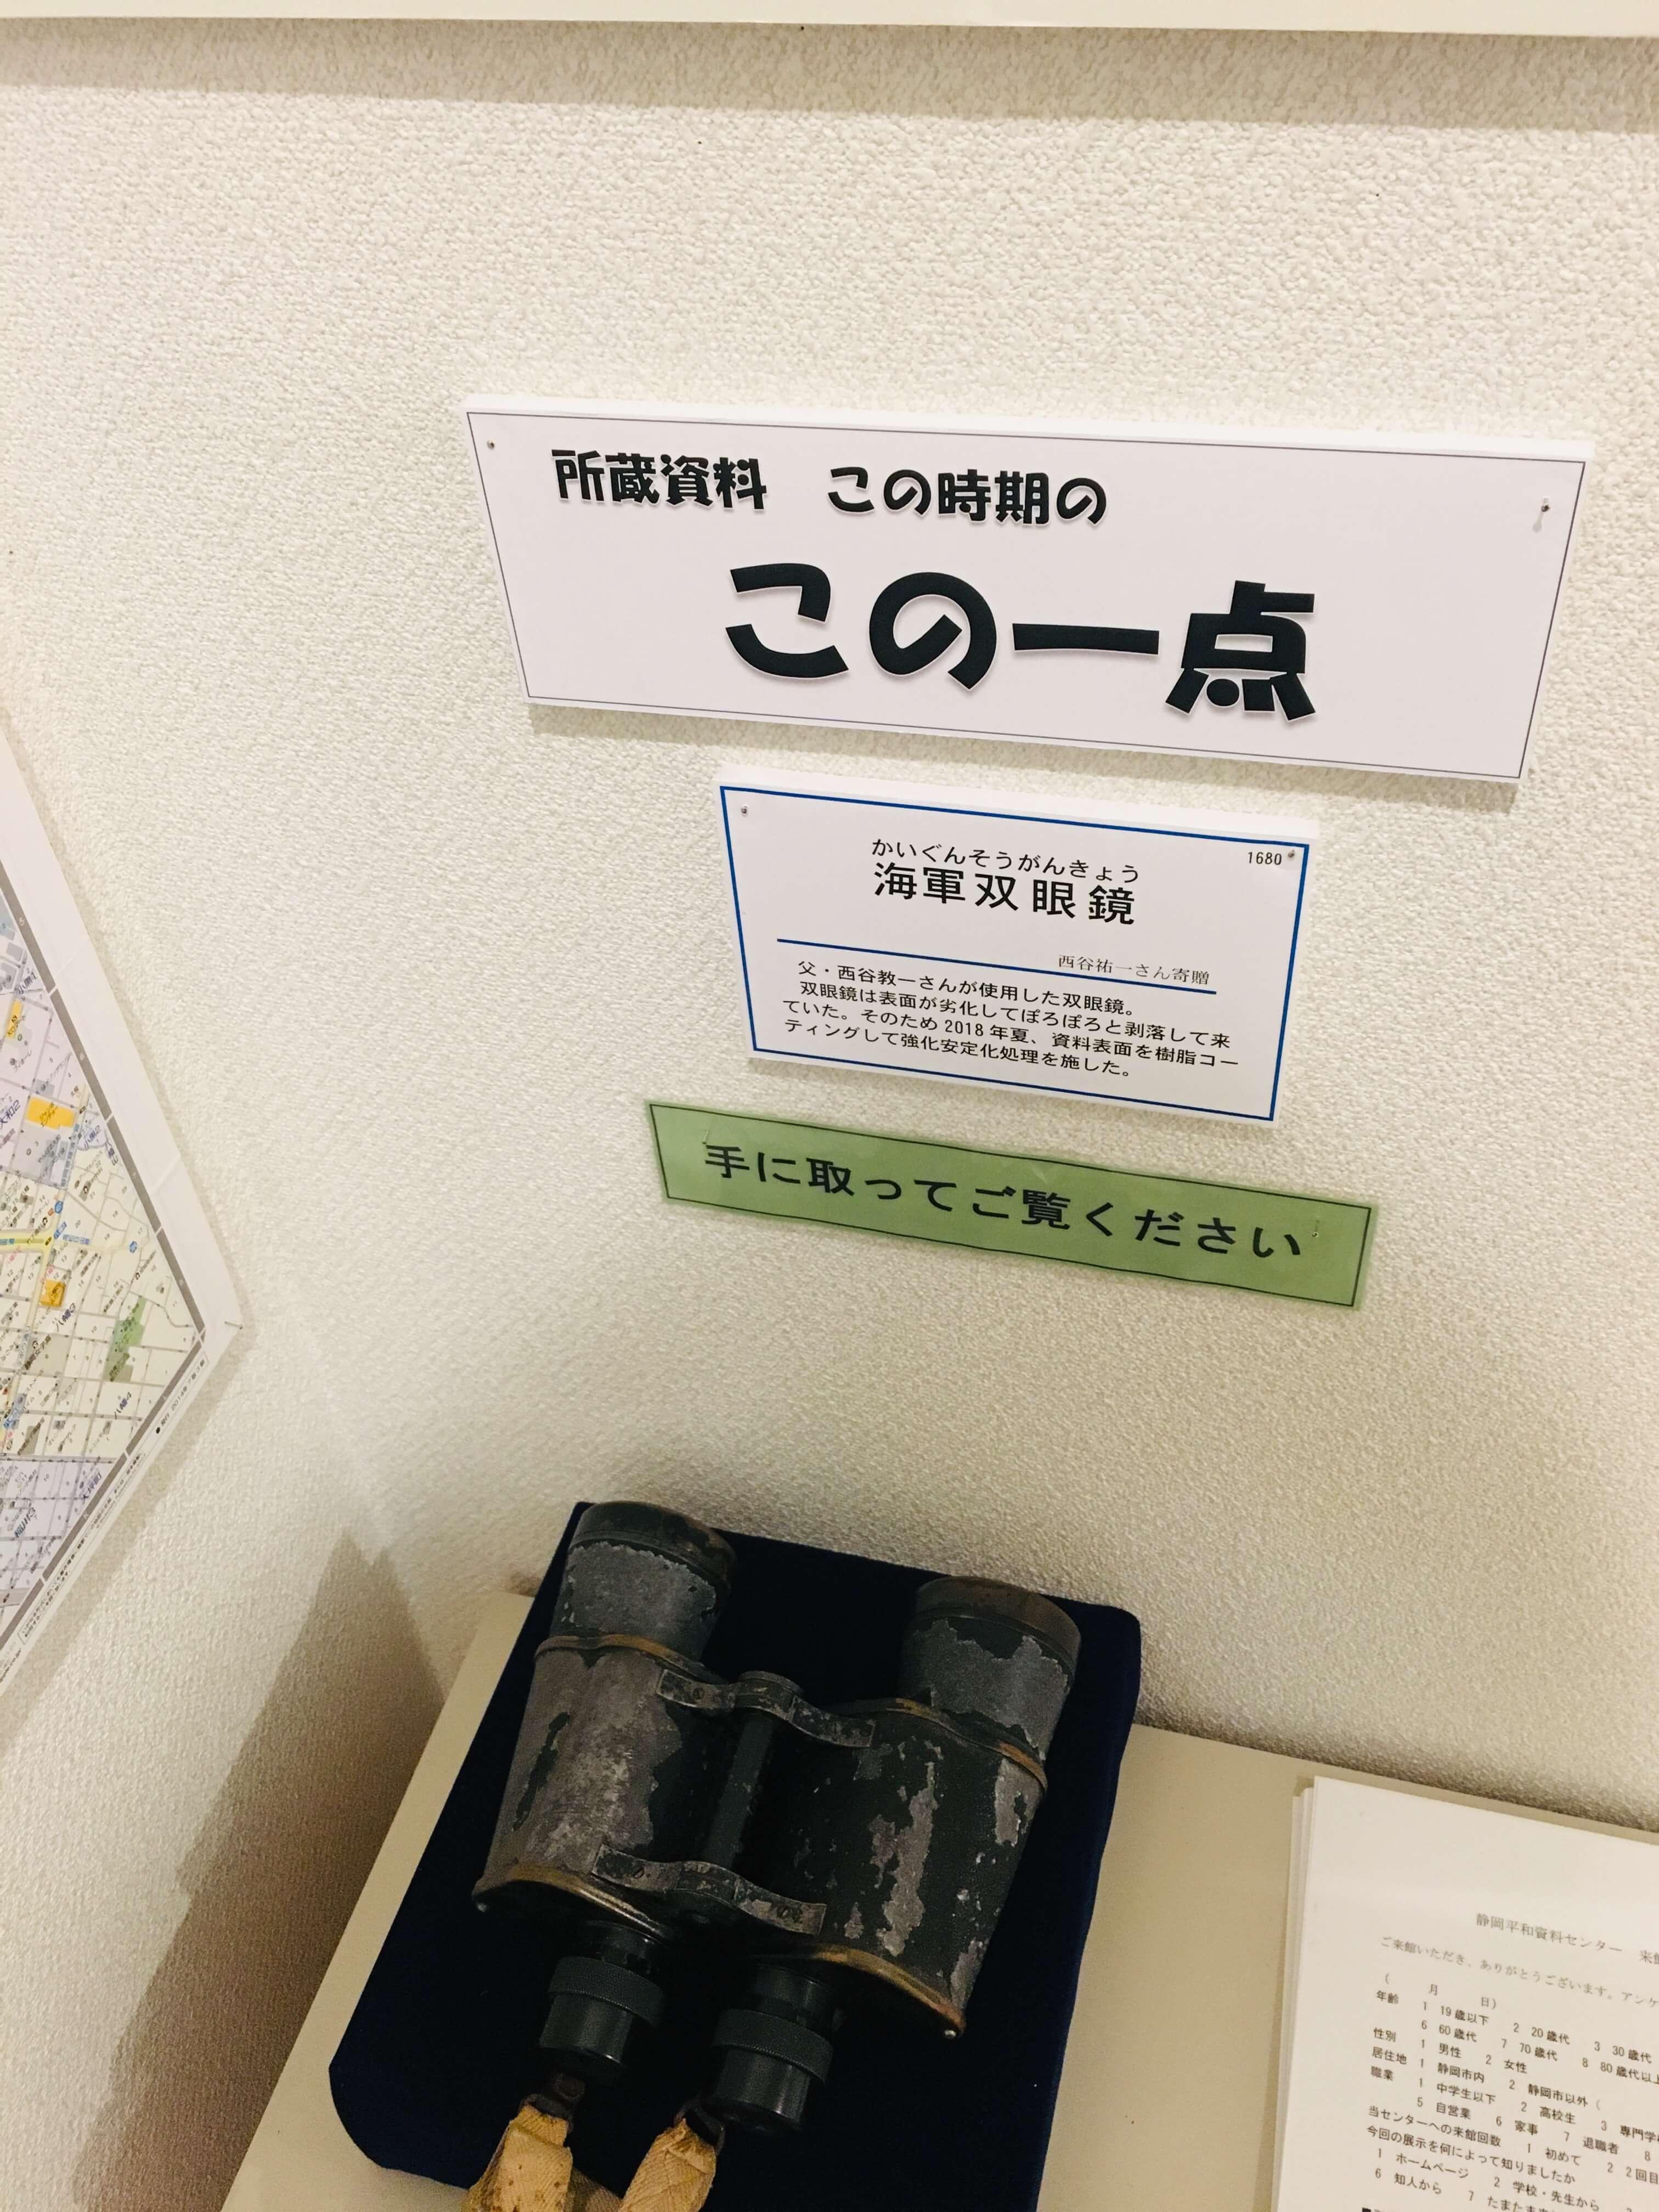 静岡平和資料センターにあった双眼鏡